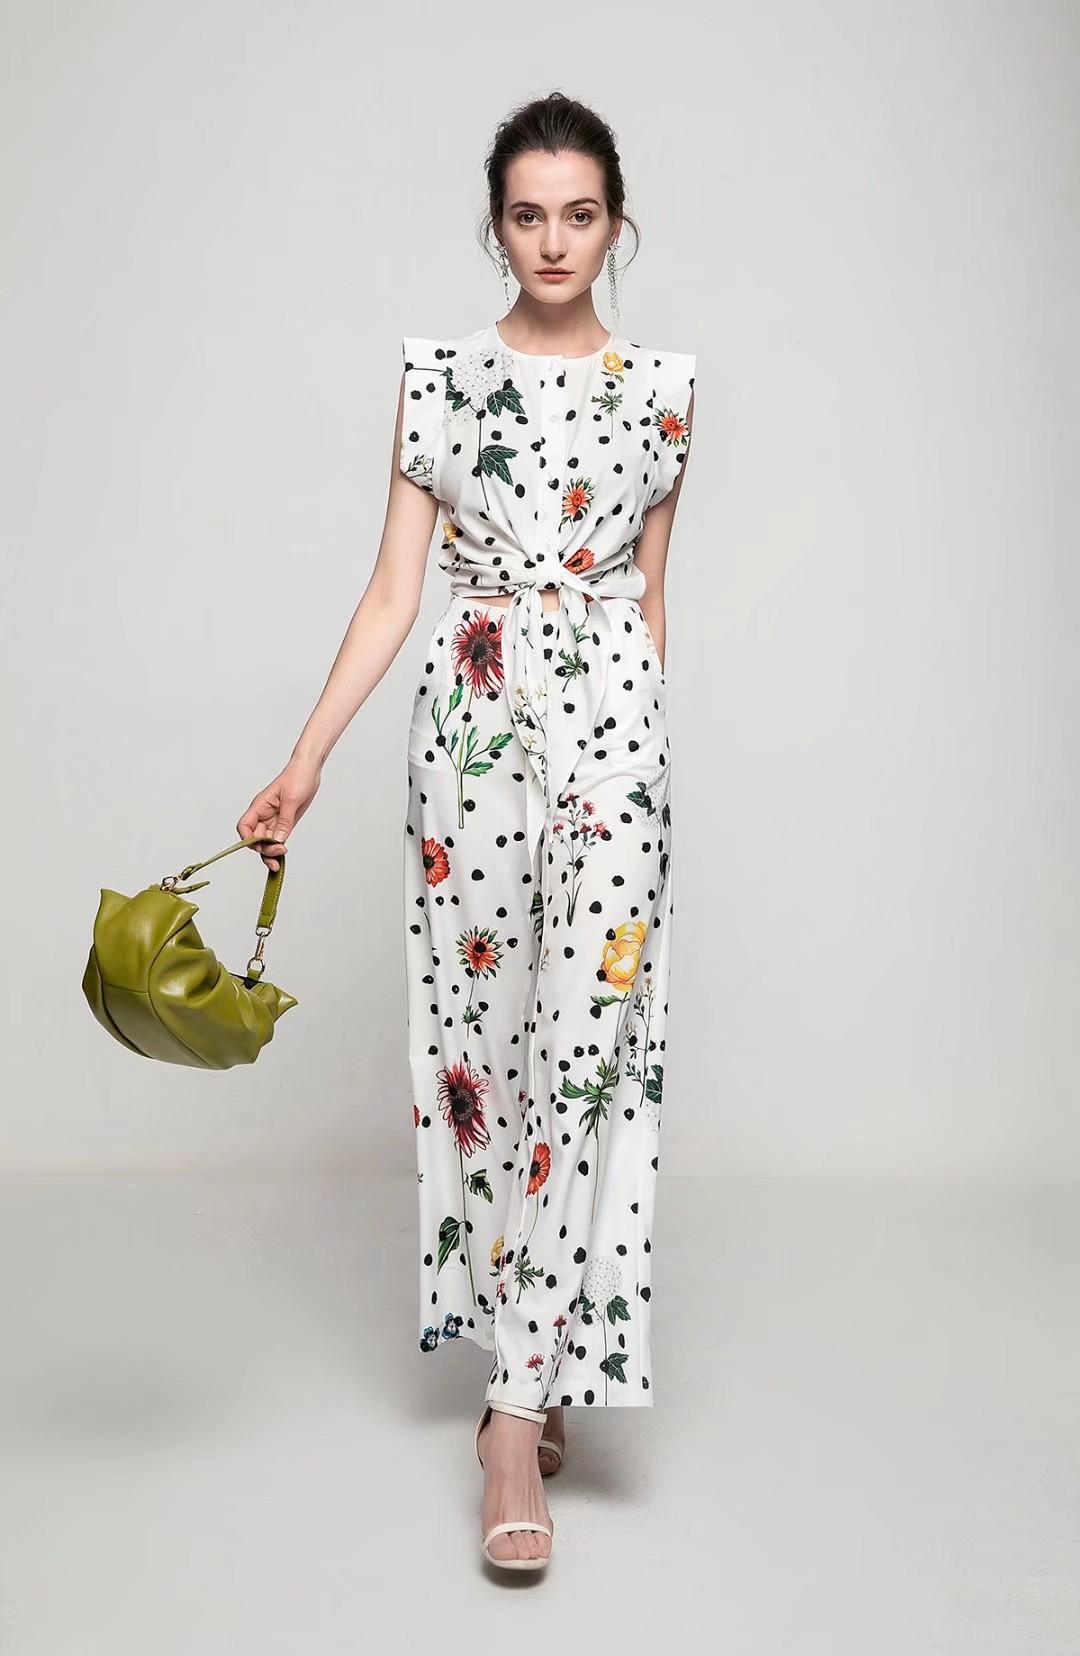 Pantalon de deux pièces de mode élégant pour femmes 2021 Été Nouvelle-Dame et fille occasionnel Set de deux pièces d'impression Ensembles d'usure